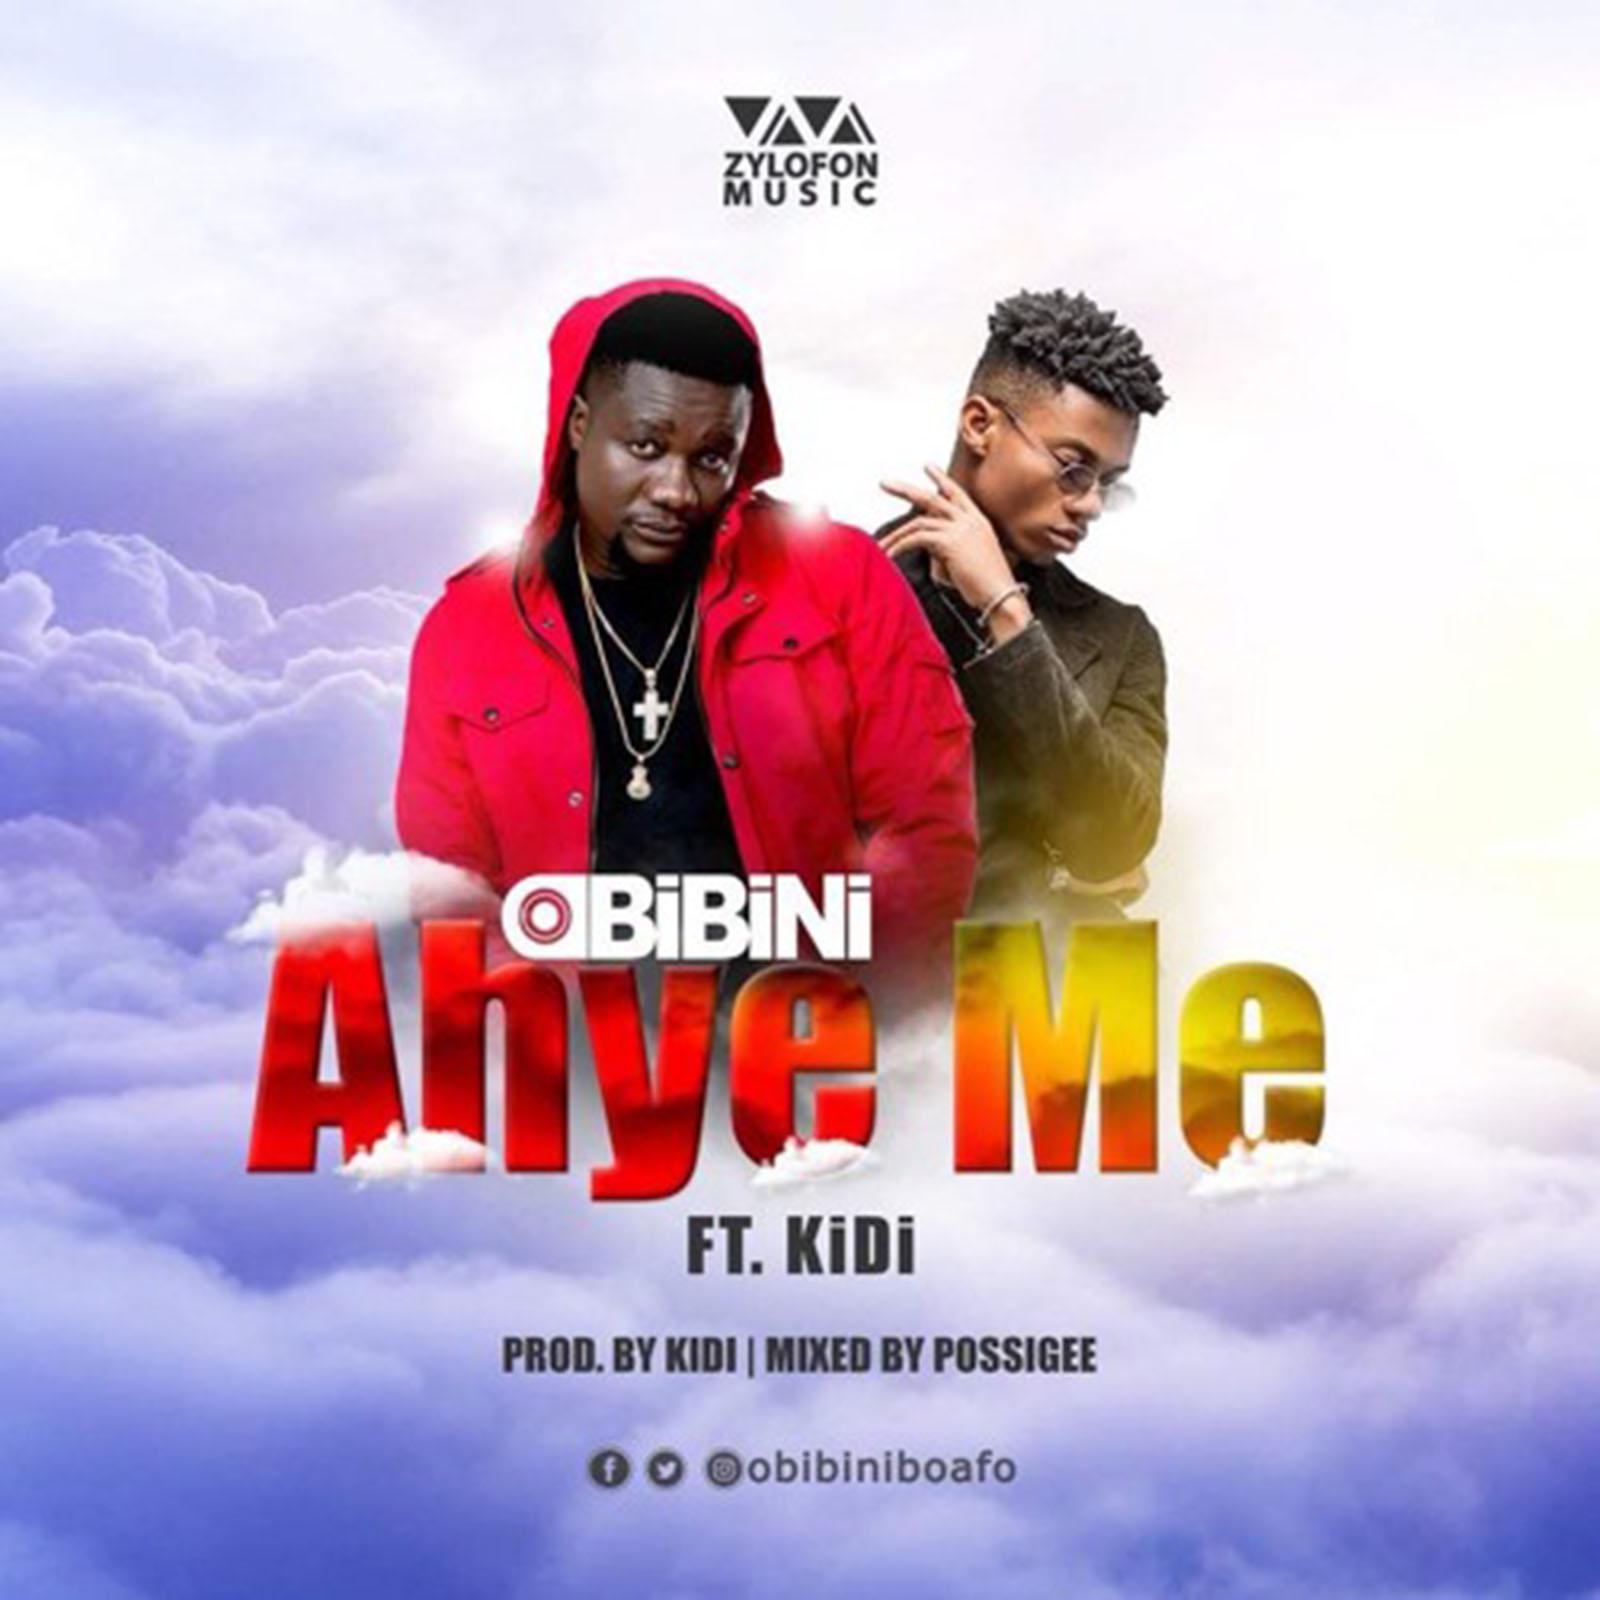 Ahye Me by Obibini feat. KiDi